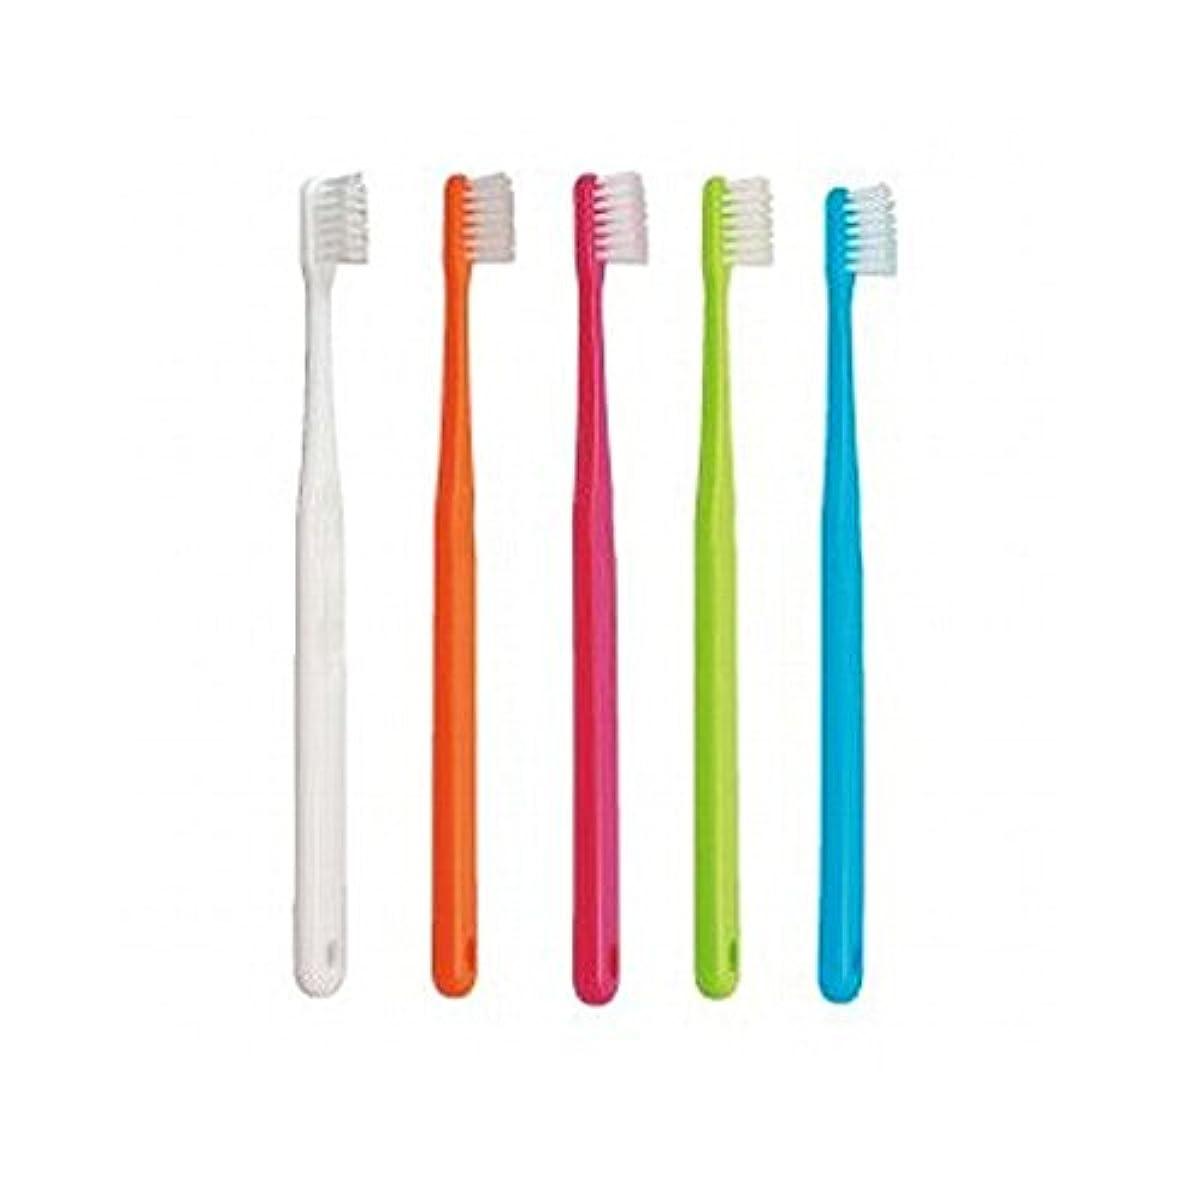 有毒な厄介な彫る【Ci/シーアイ】【歯科用】Ci703 25本【歯ブラシ】【やわらかめ】【極薄ヘッド】ハンドルカラー5色選択不可